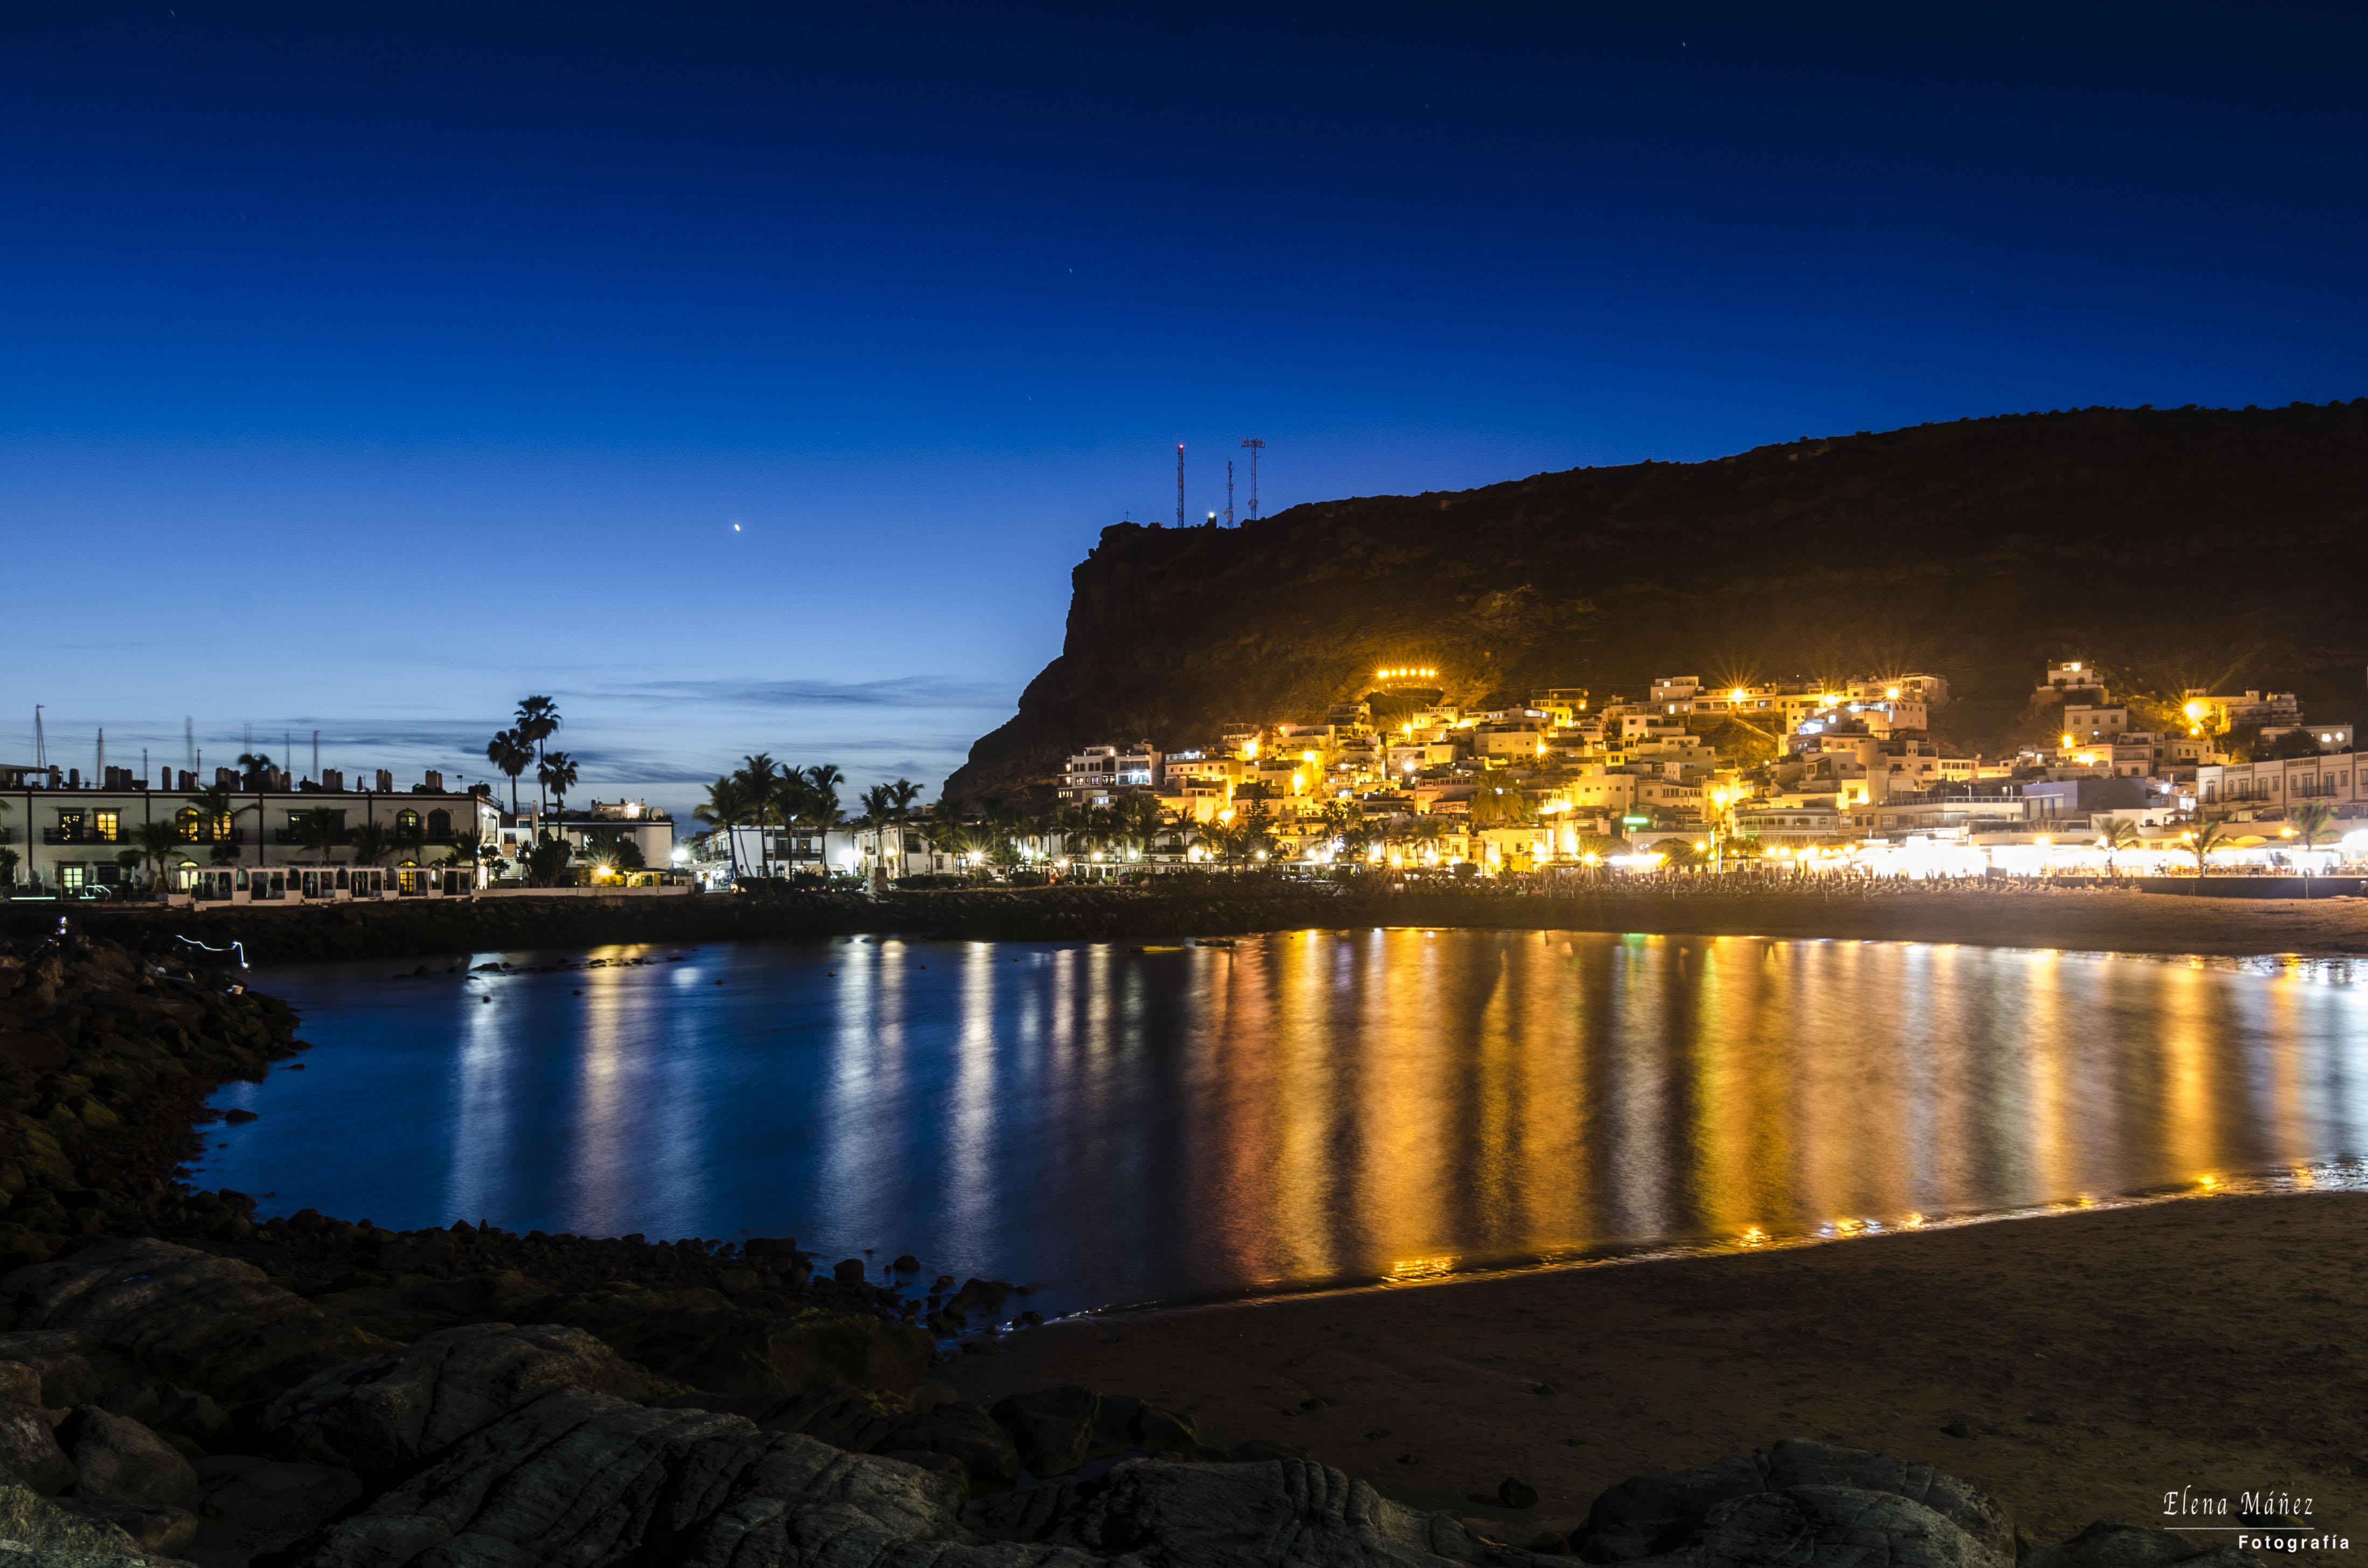 puerto de mogán noche 1